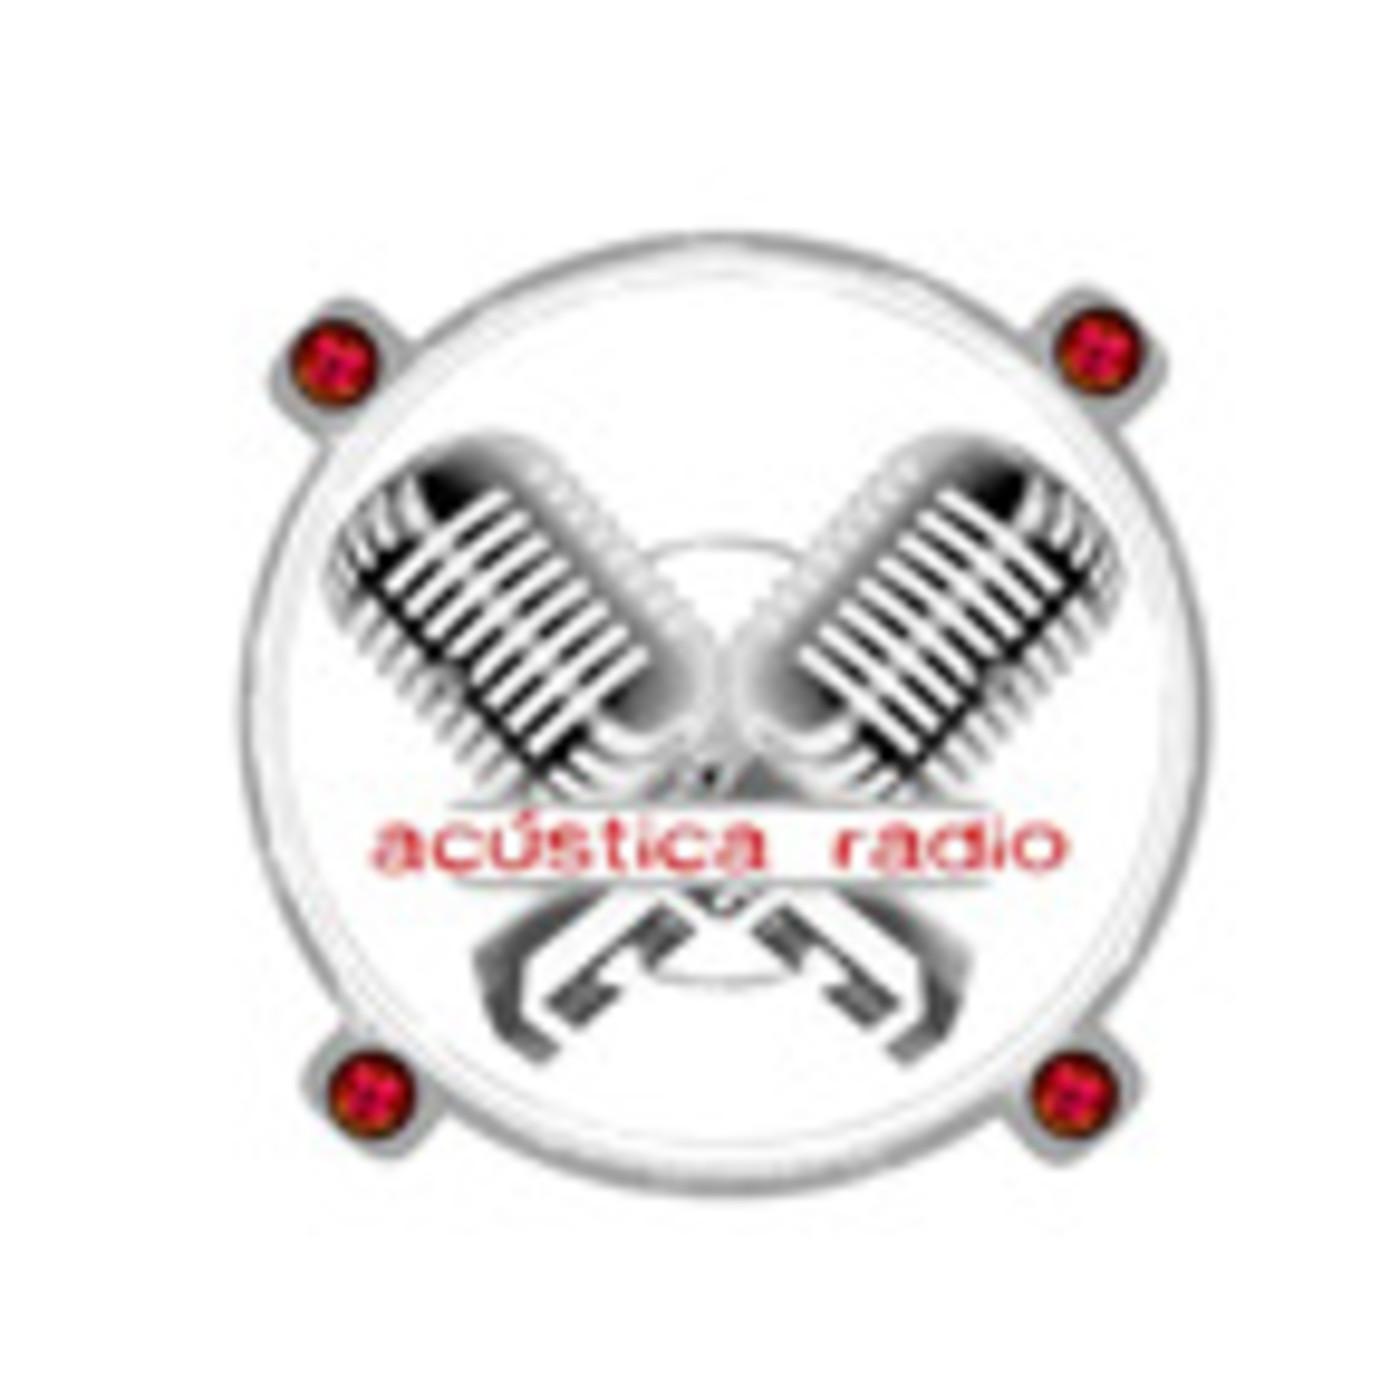 - Acústica Radio